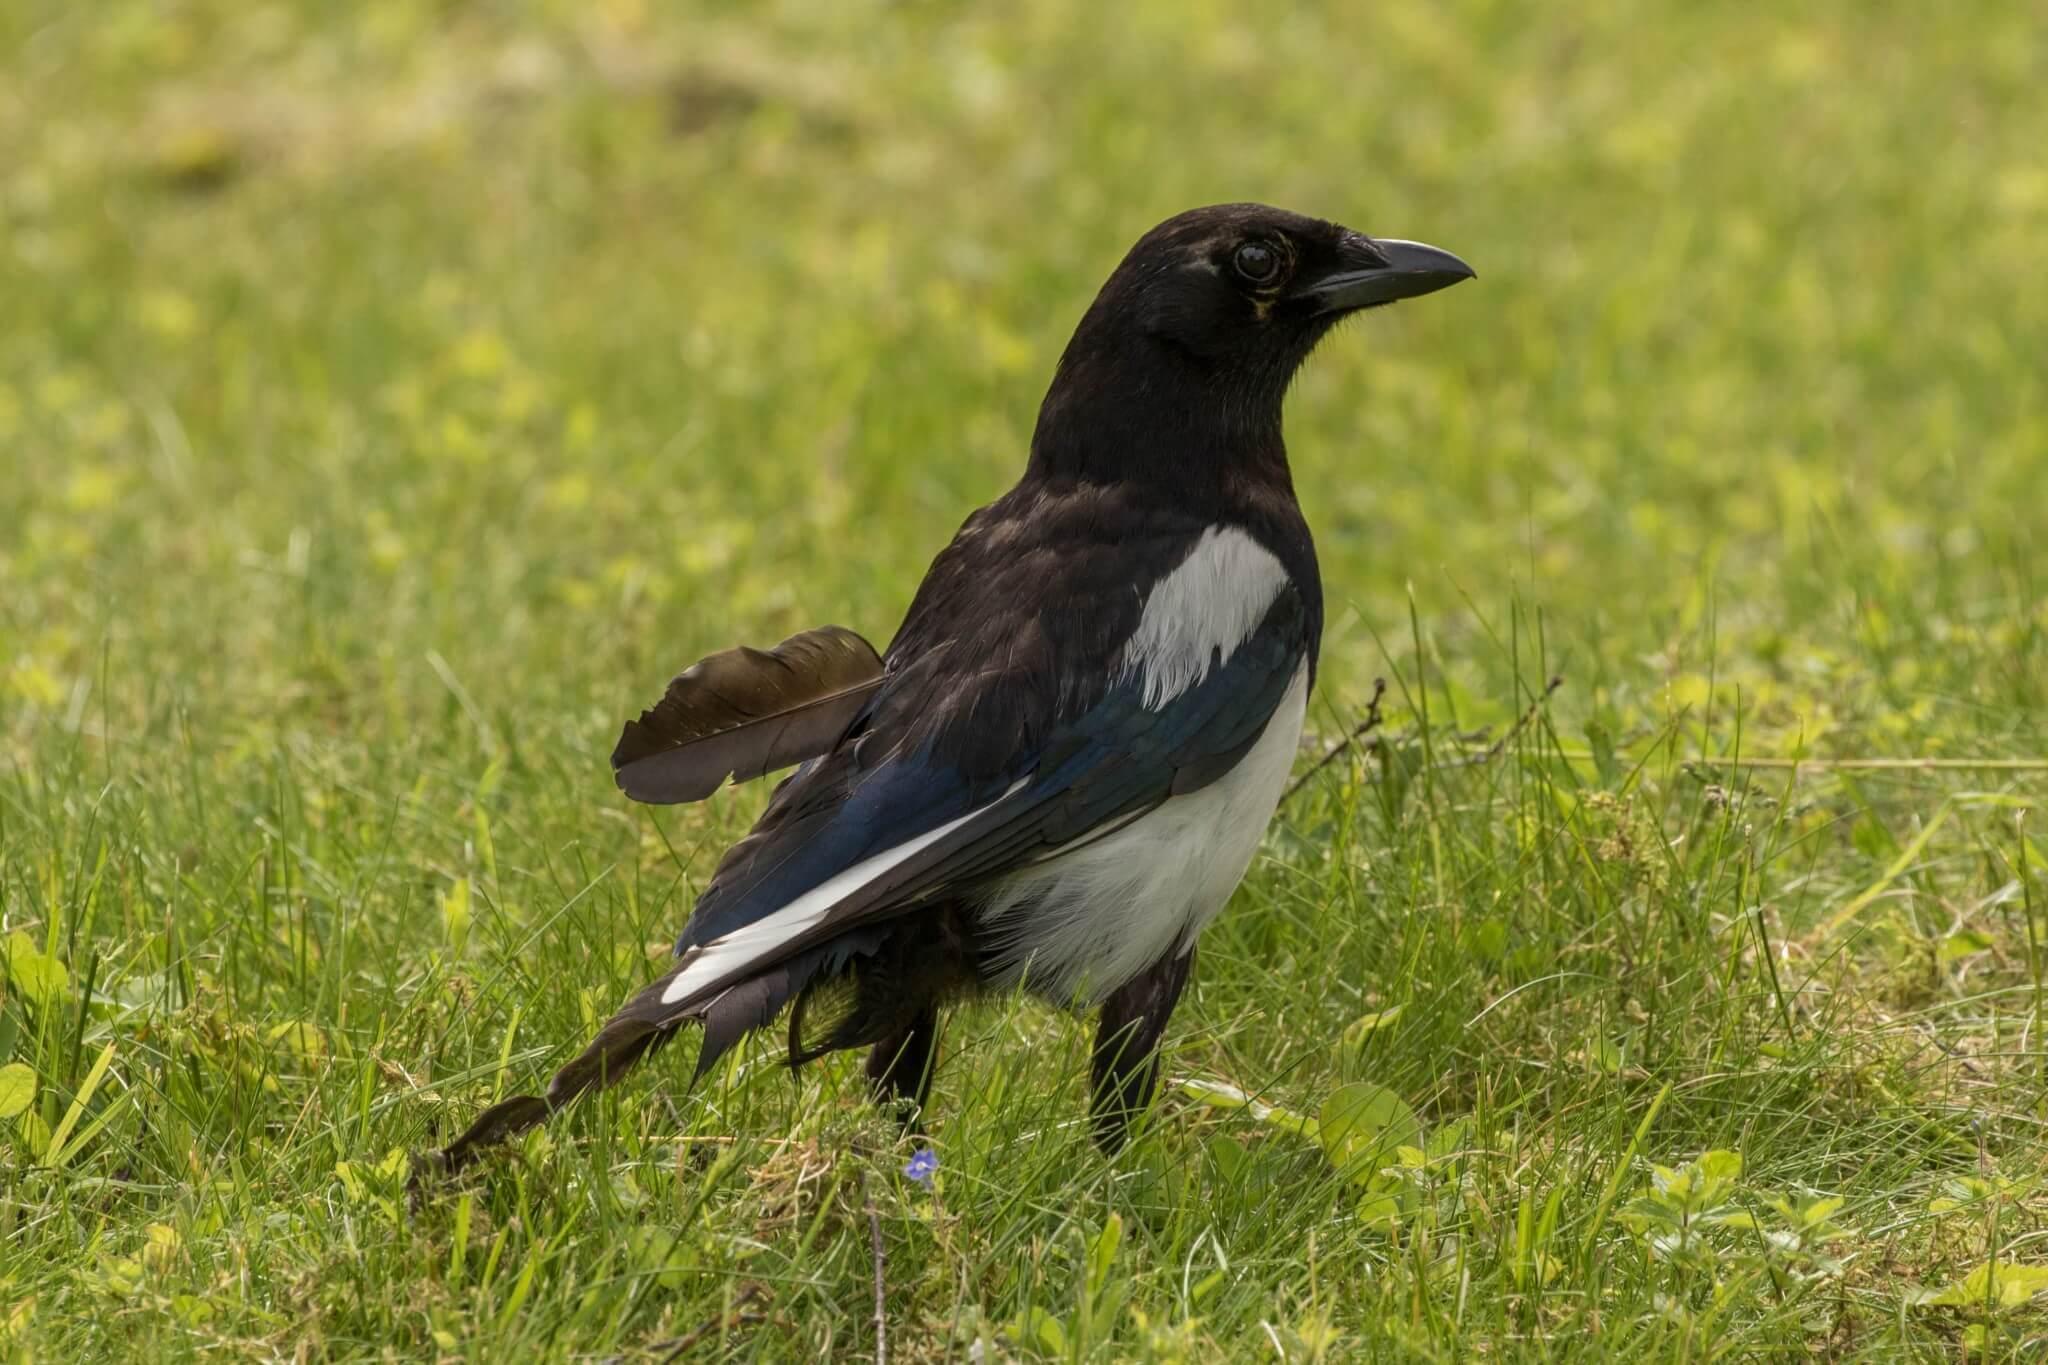 Eurasian Magpie @ Lillestrøm, Norway. Photo: Håvard Rosenlund